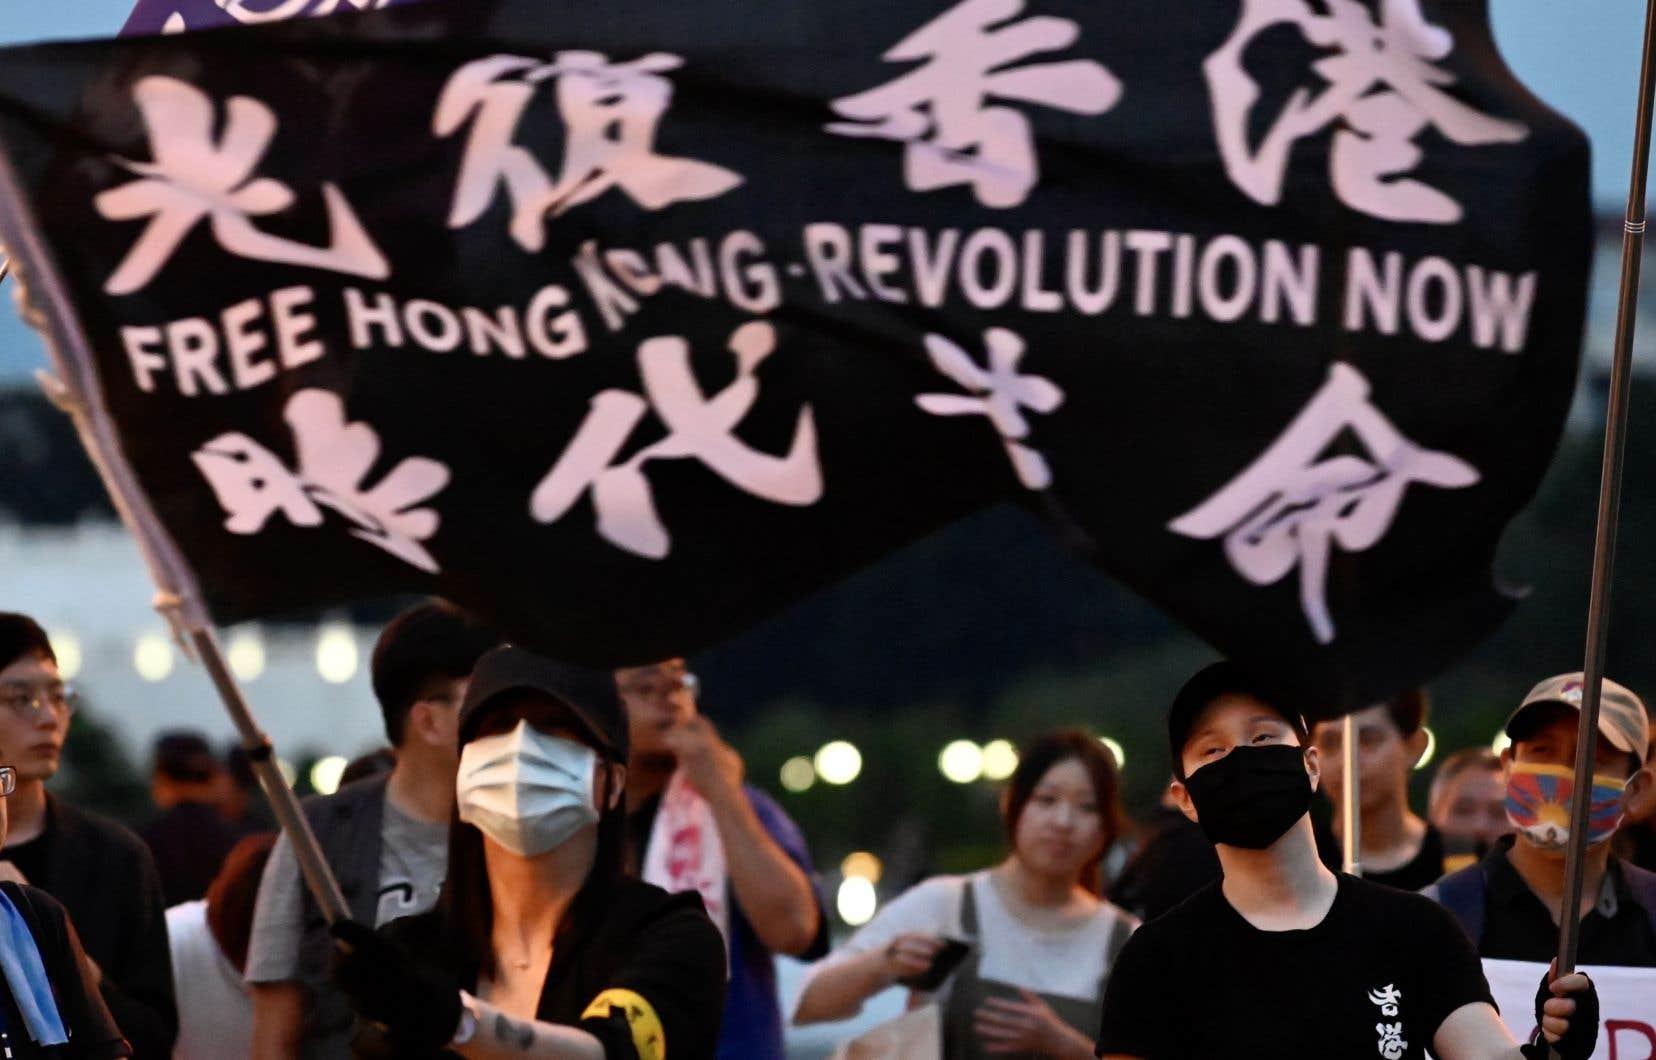 Une manifestation en appui aux mouvent pro-démocratie hongkongais à Taipei, samedi. De plus en plus de Hongkongais songent à s'exiler de l'ancienne colonie britannique.